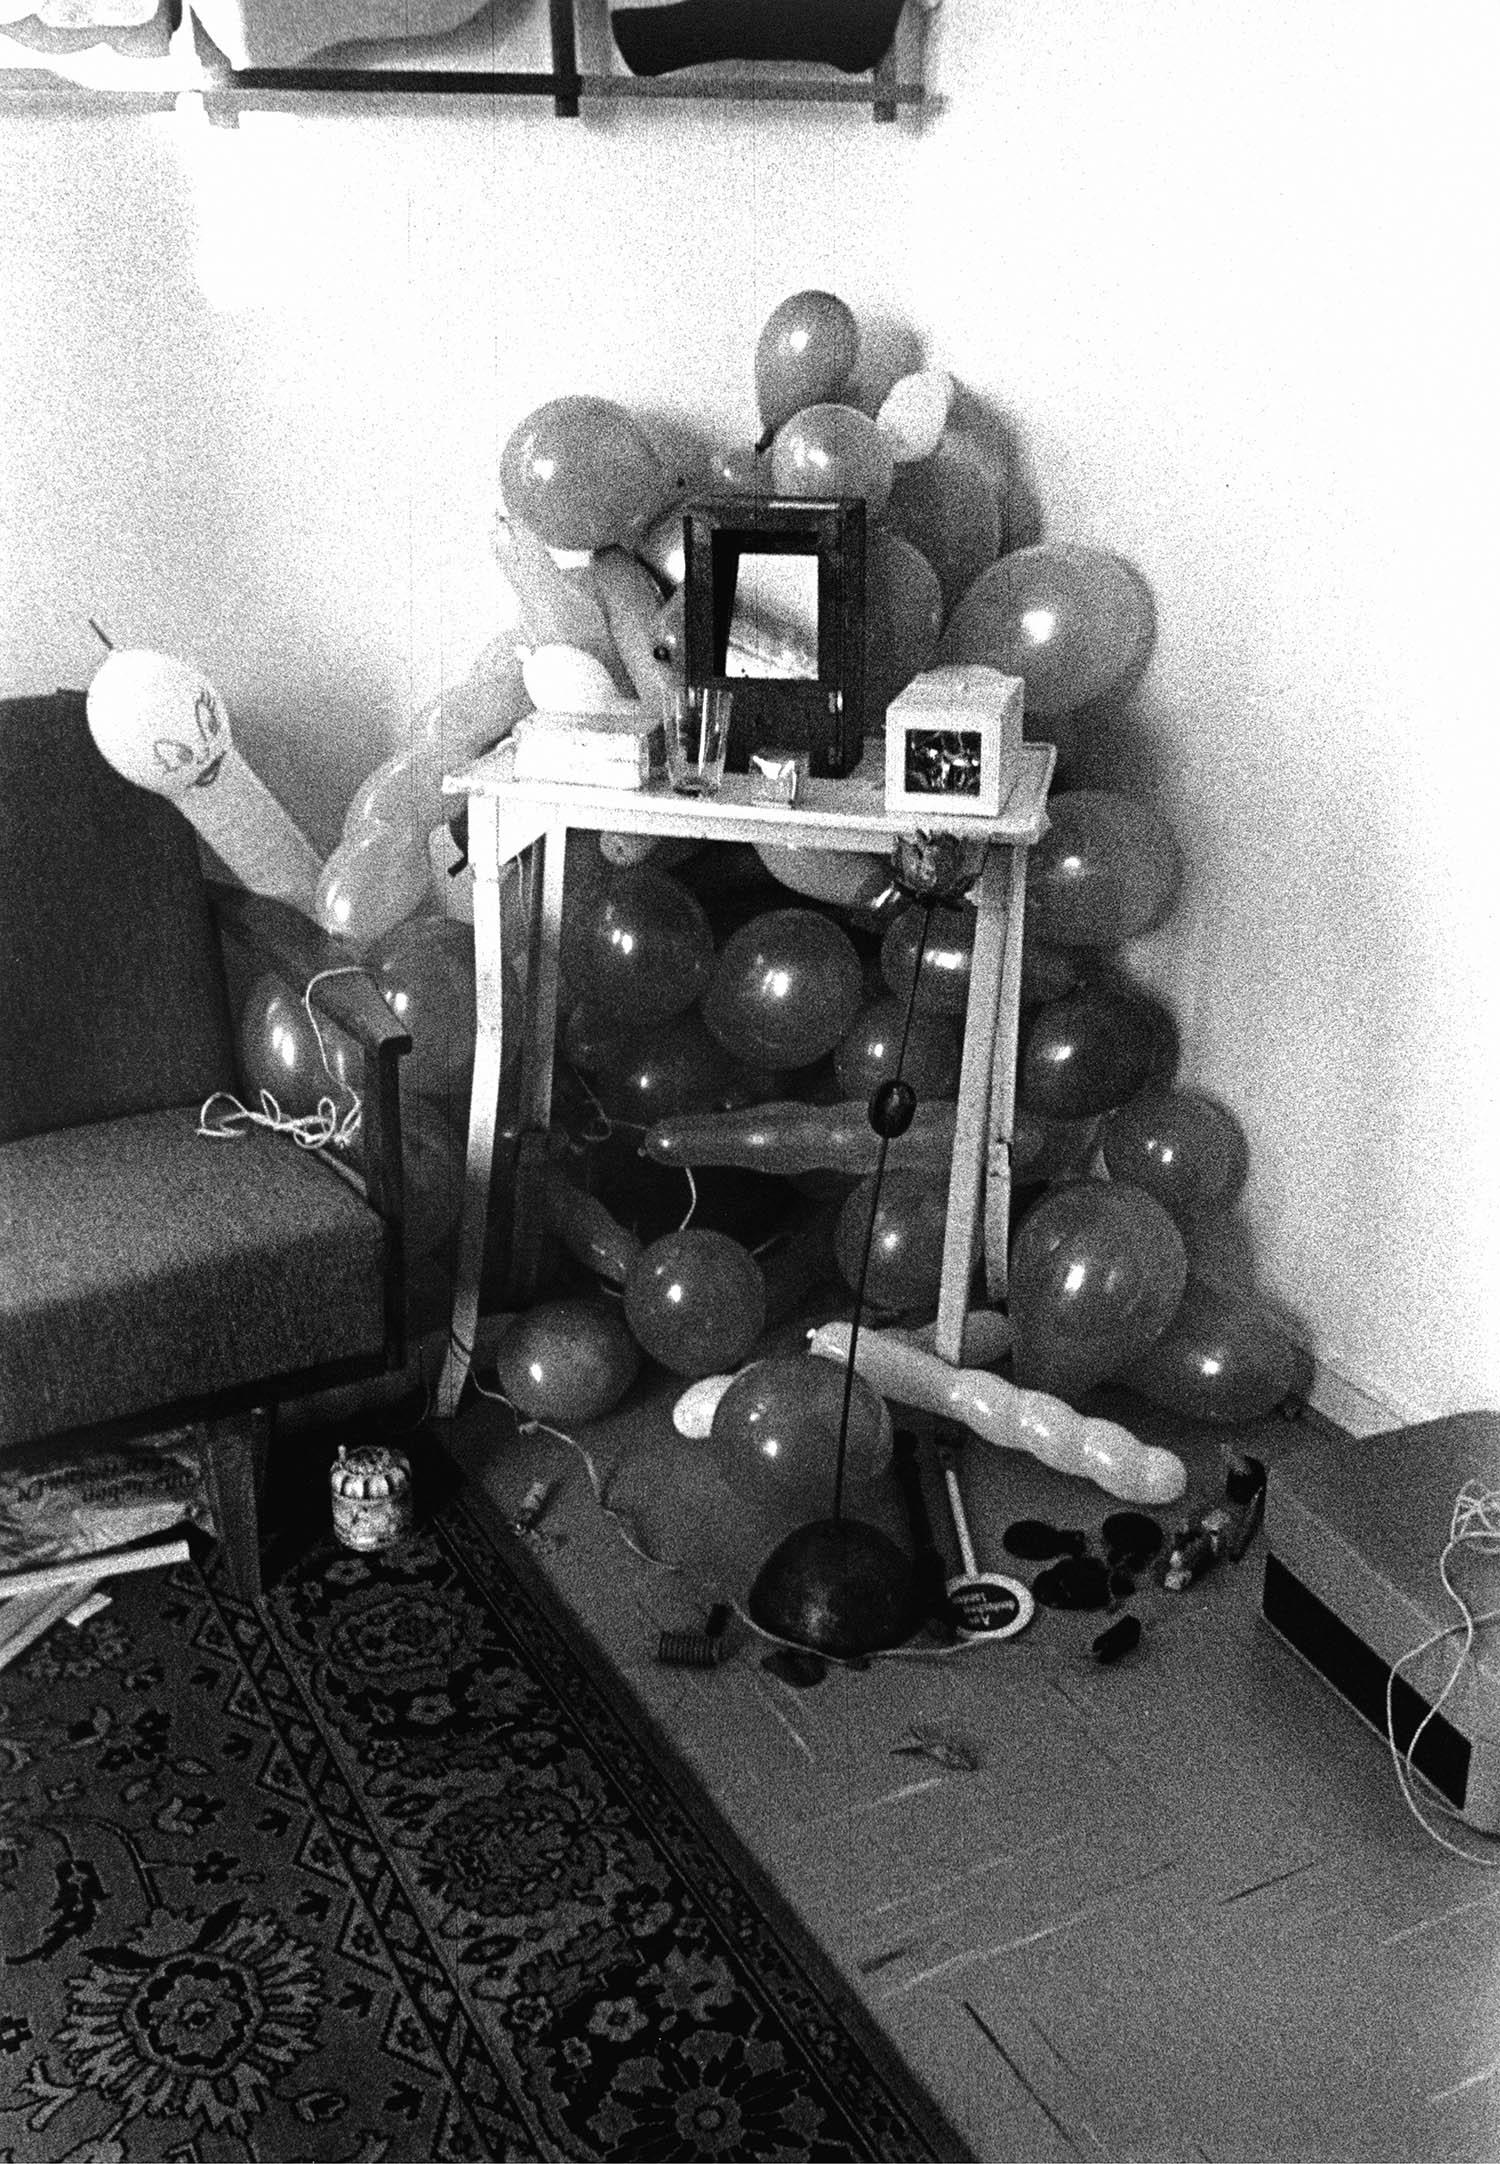 Frisches   1966/2001   Fotografie auf Papier   62 x 41 cm